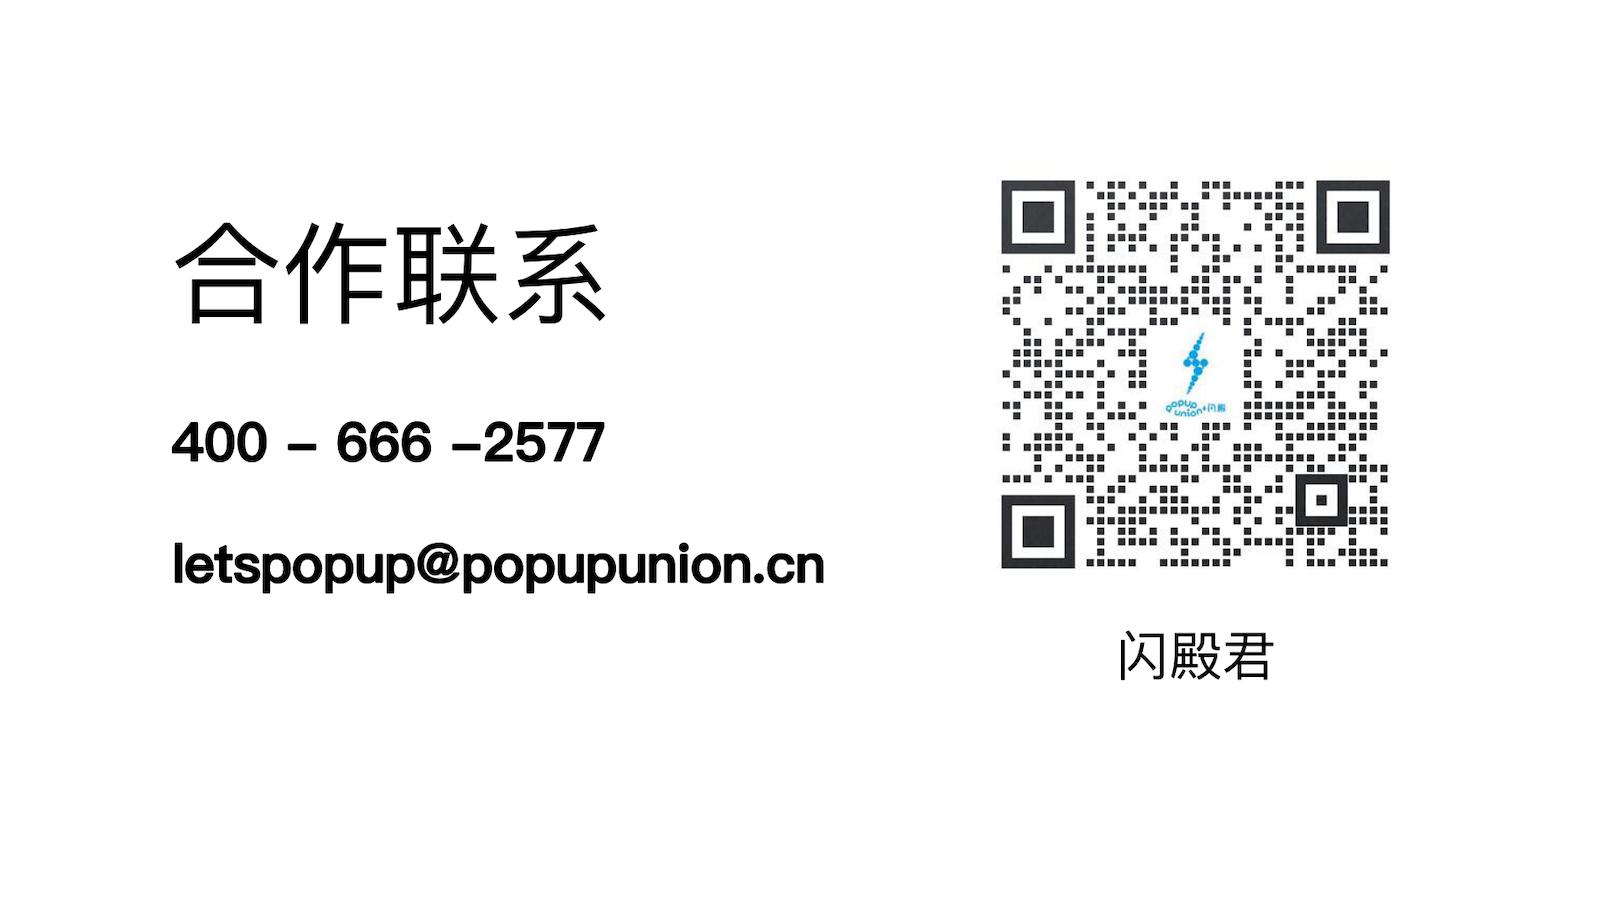 日本市场营销策略服务内容介绍_22.png